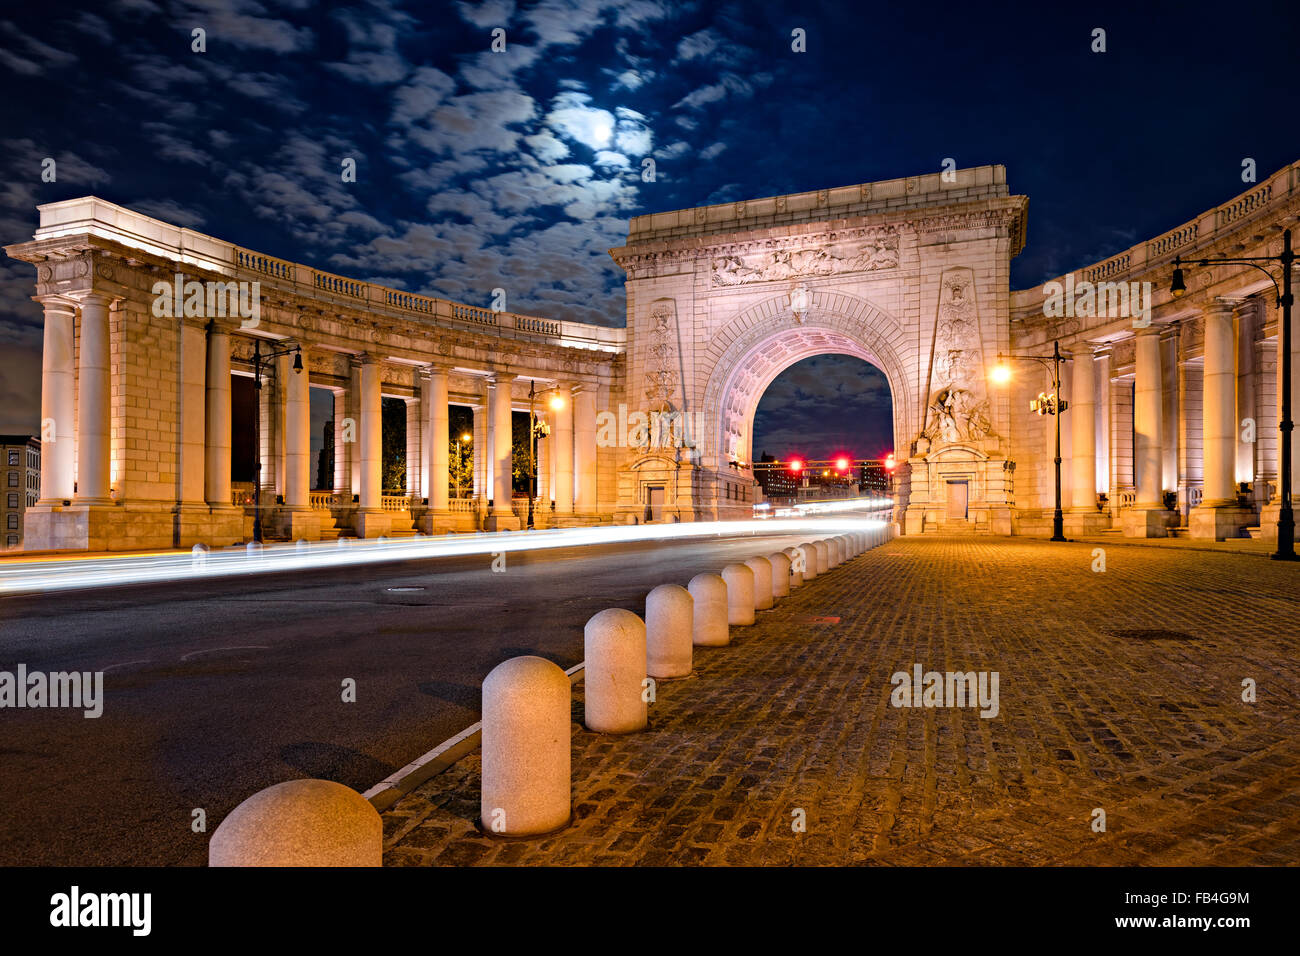 Iluminado arco triunfal y la columnata de Manhattan Bridge Entrada en moonlight, Chinatown, Manhattan, Ciudad de Foto de stock